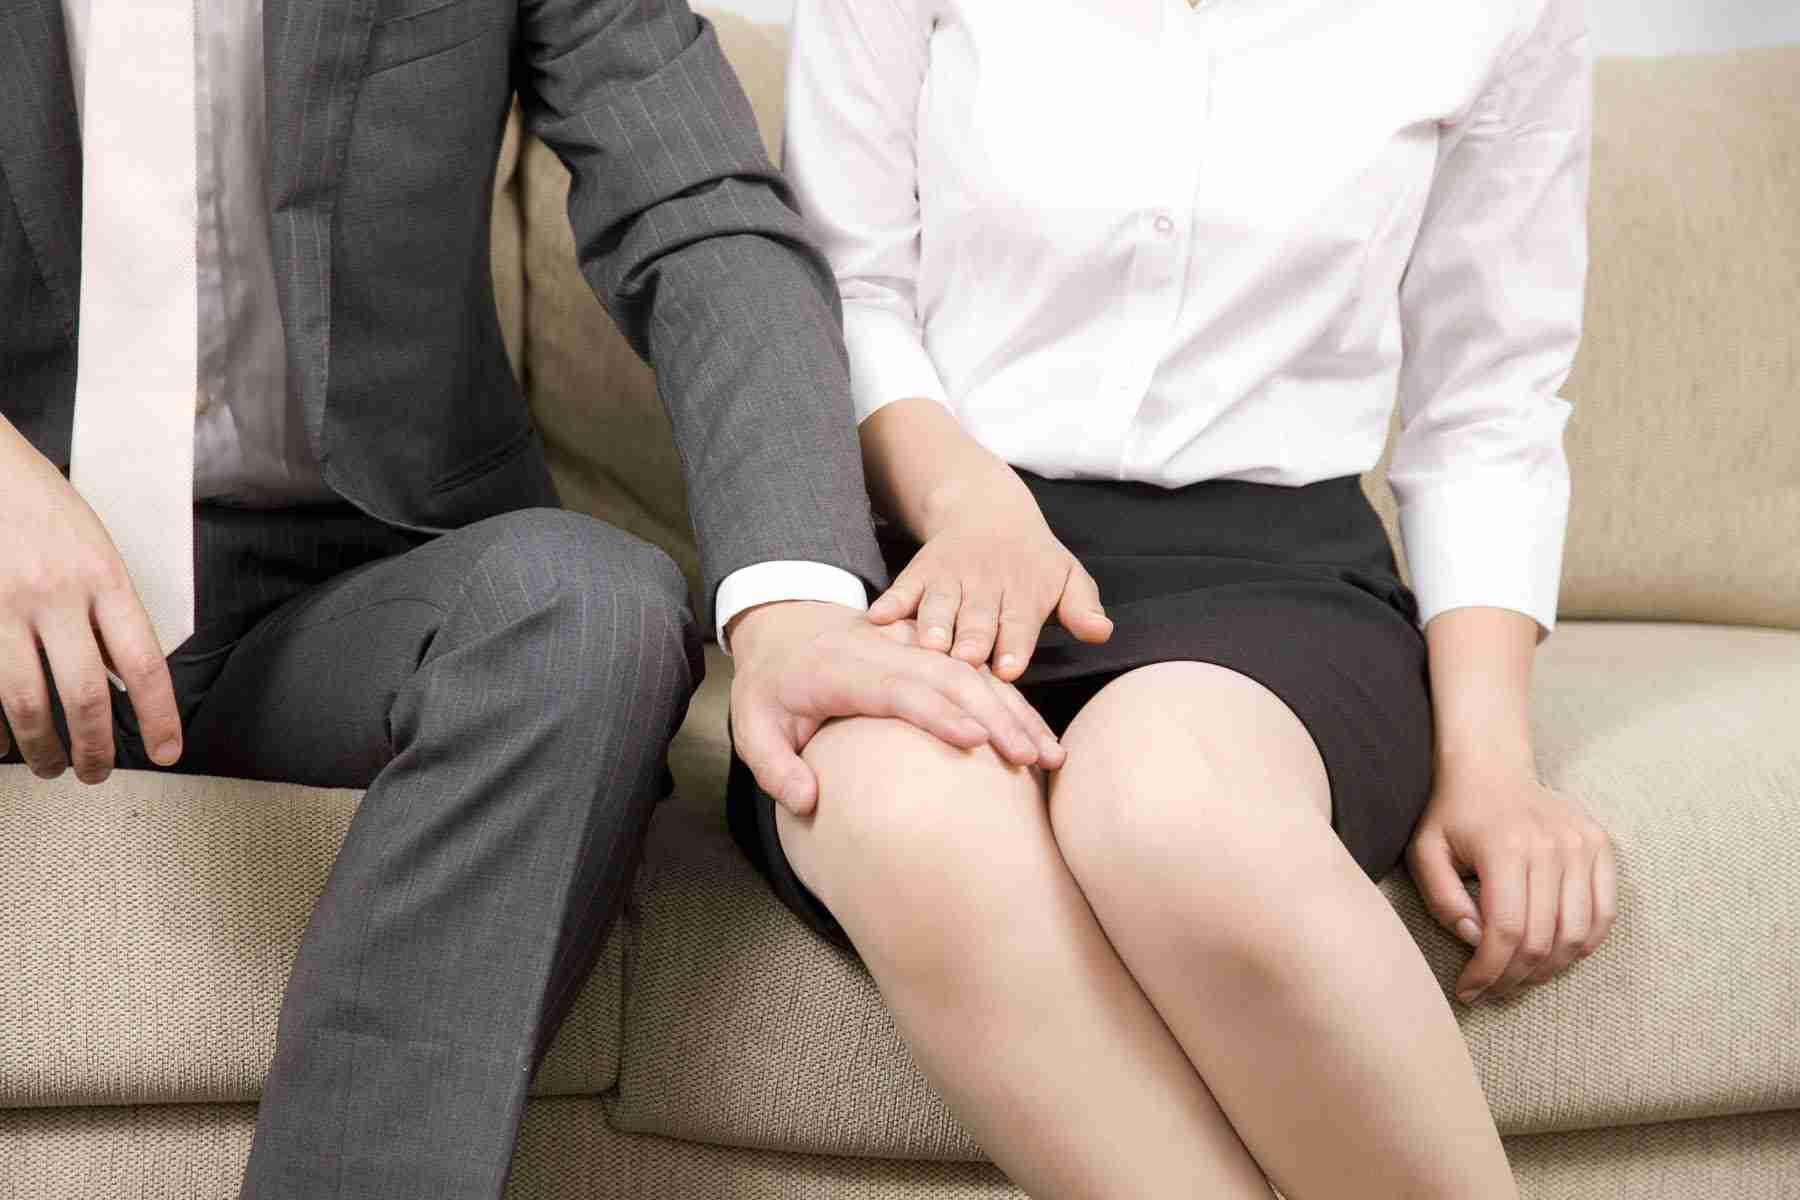 Секс-скандал в психиатрической клинике в Есике: что говорят жертвы